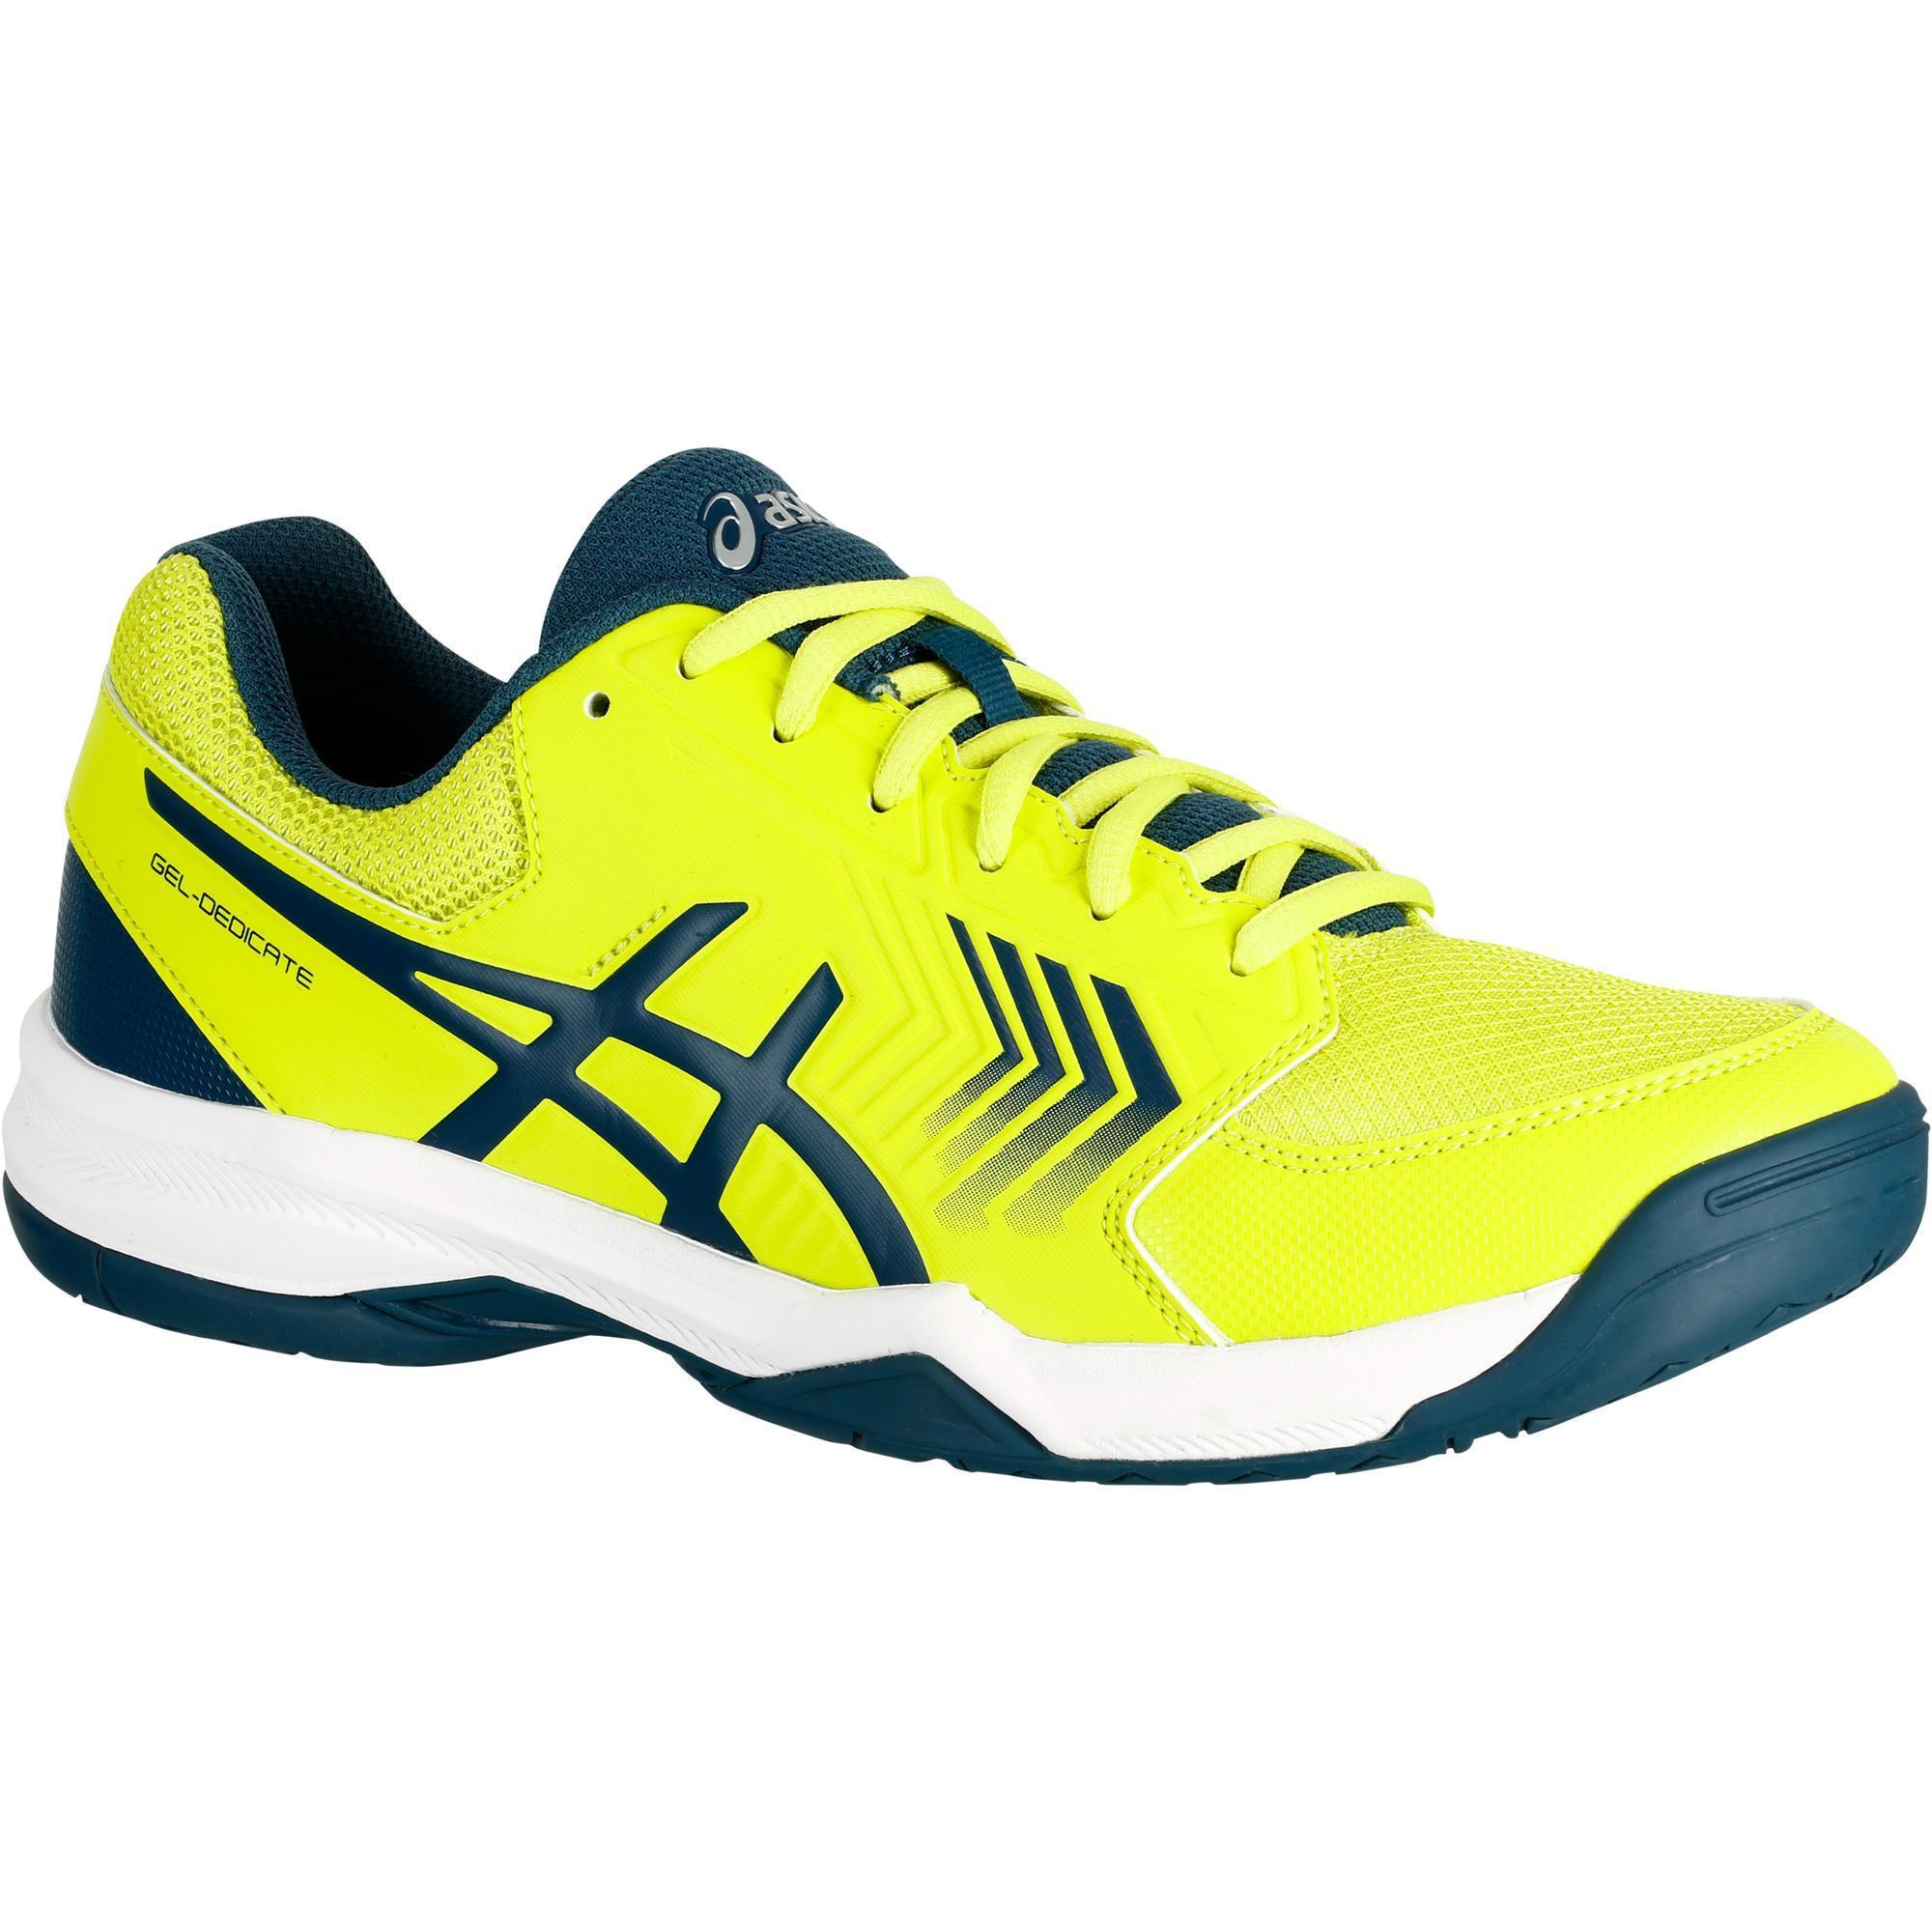 Asics Tennisschoenen heren Asics Gel Dedicate geel